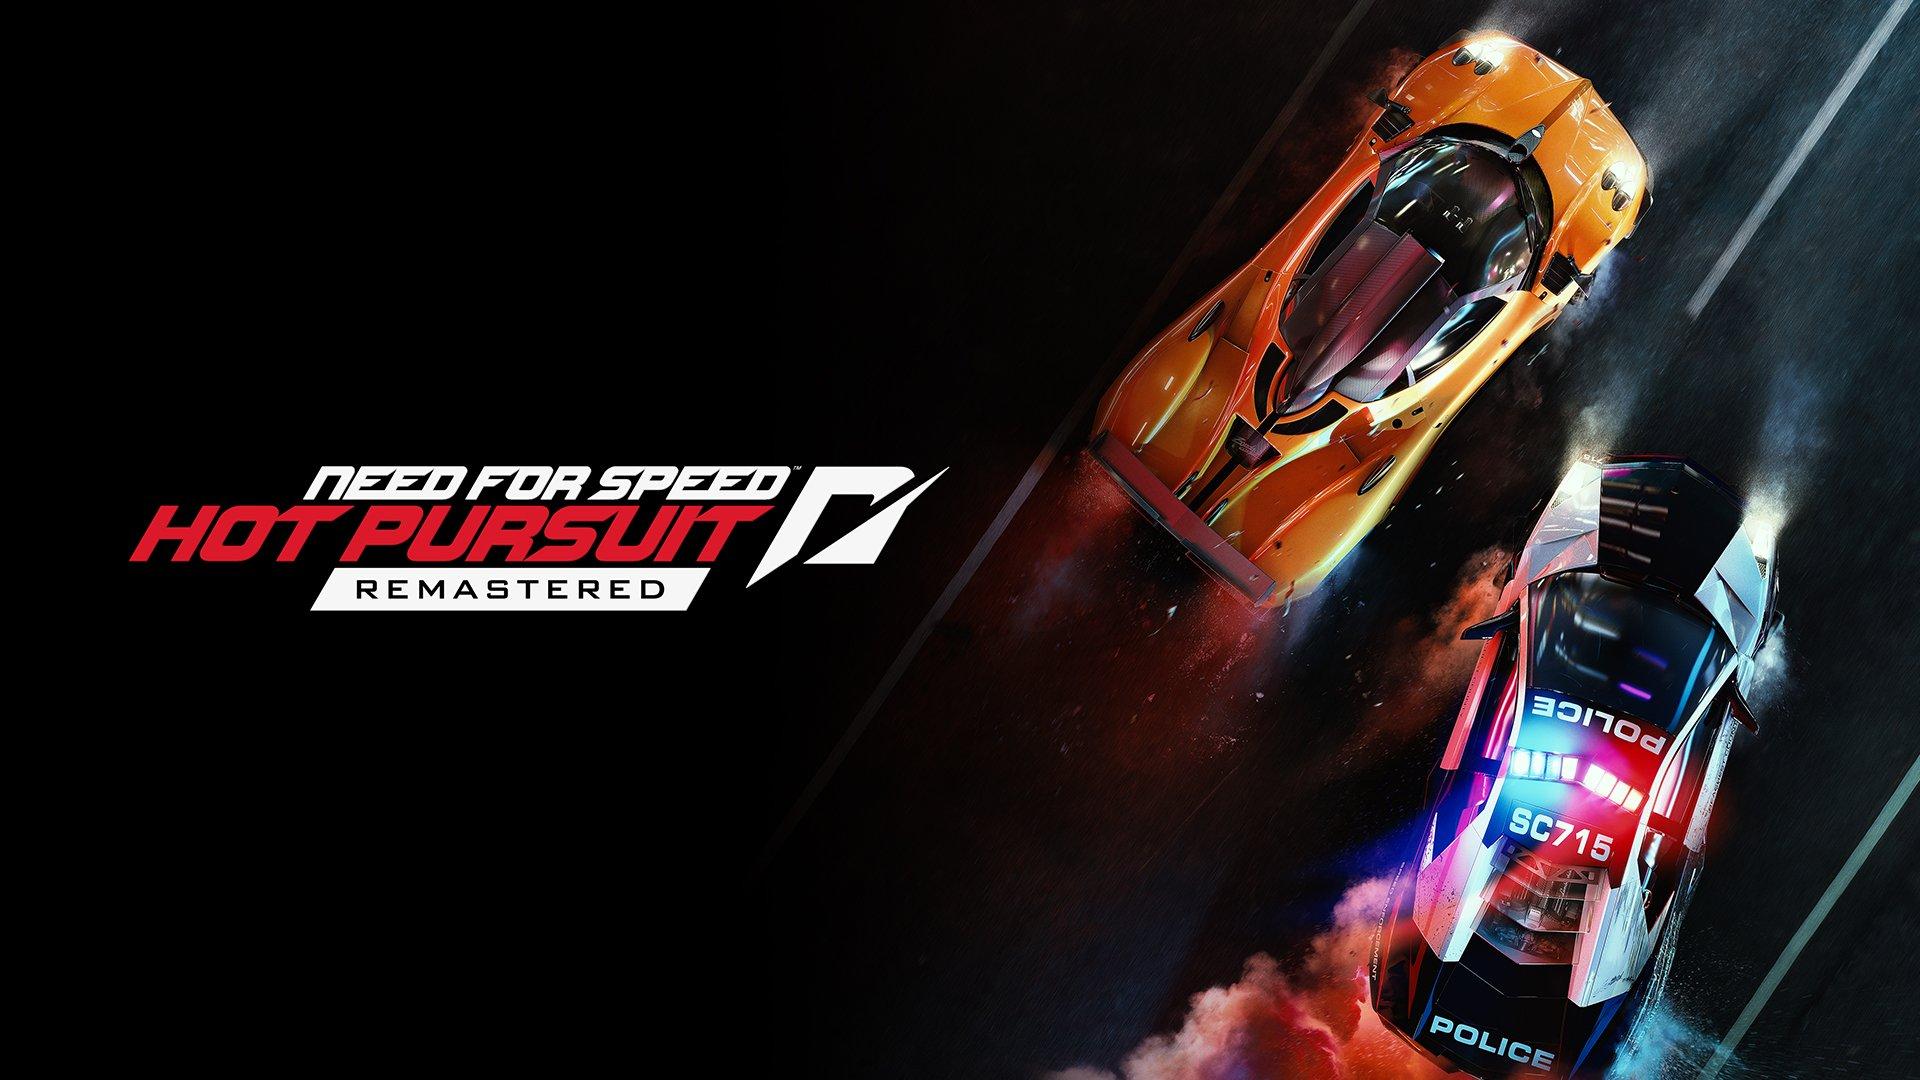 Jogos: Need for Speed: Hot Pursuit Remastered é oficialmente anunciado